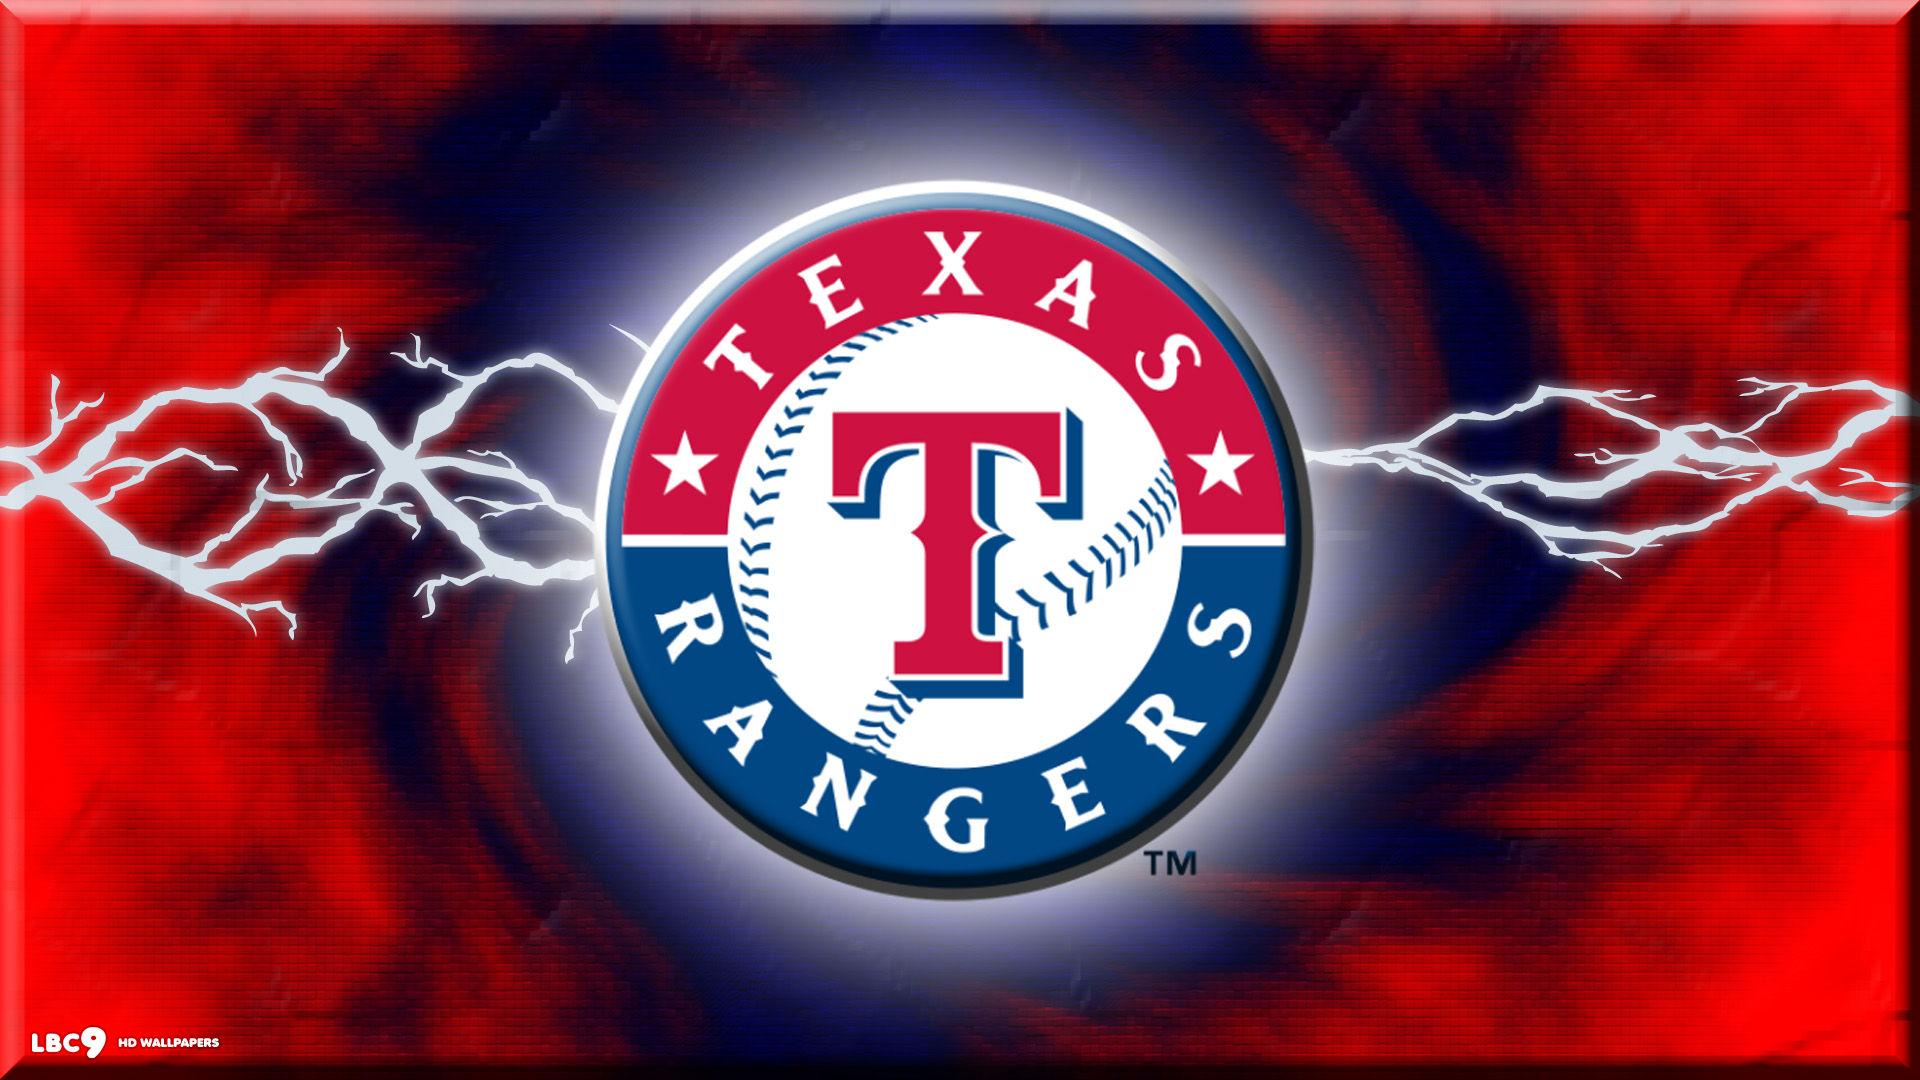 texas rangers 1920x1080 wallpaper